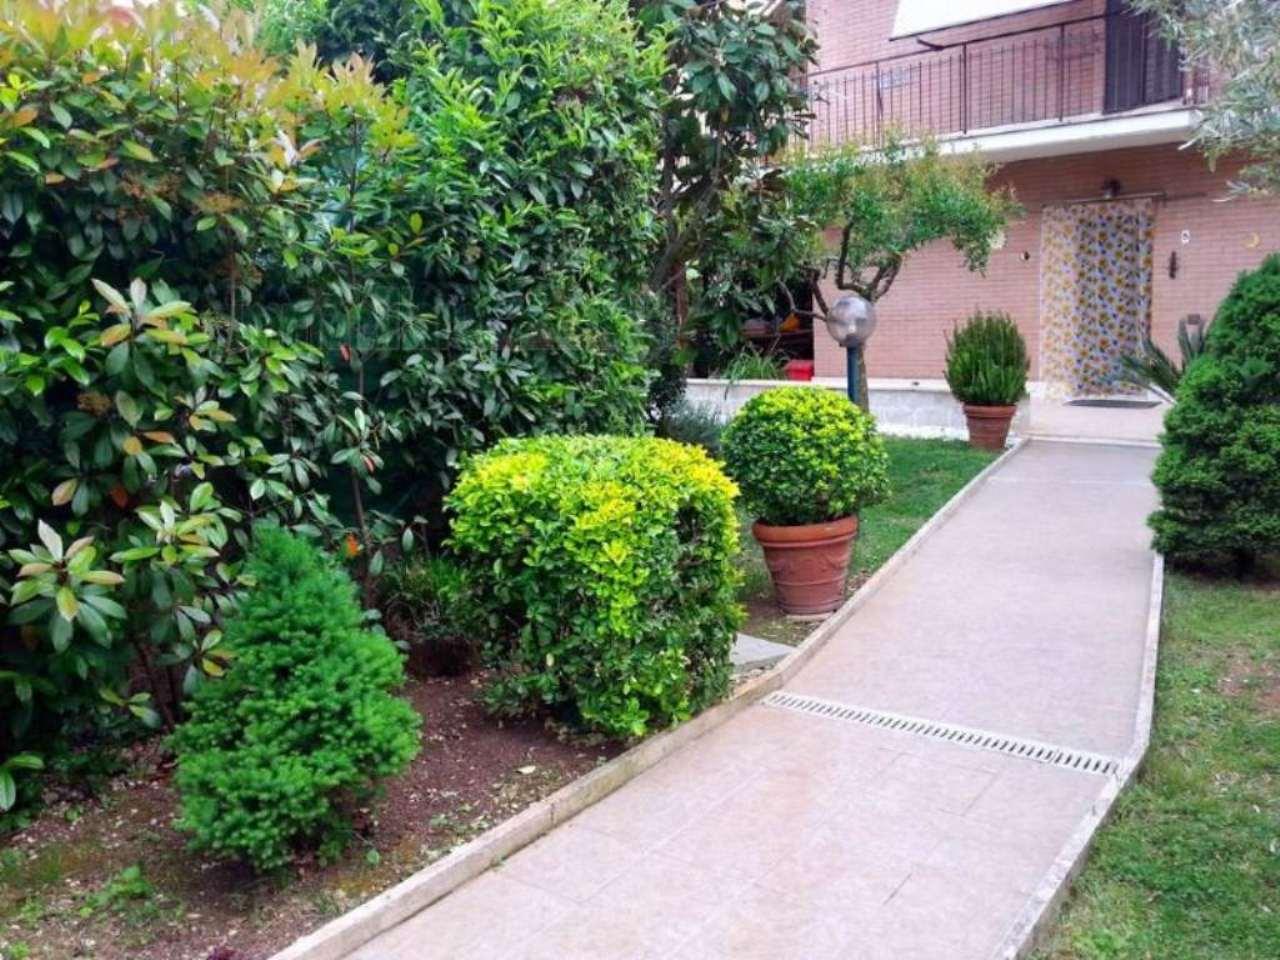 Villa in vendita a Tivoli, 5 locali, prezzo € 350.000 | Cambio Casa.it